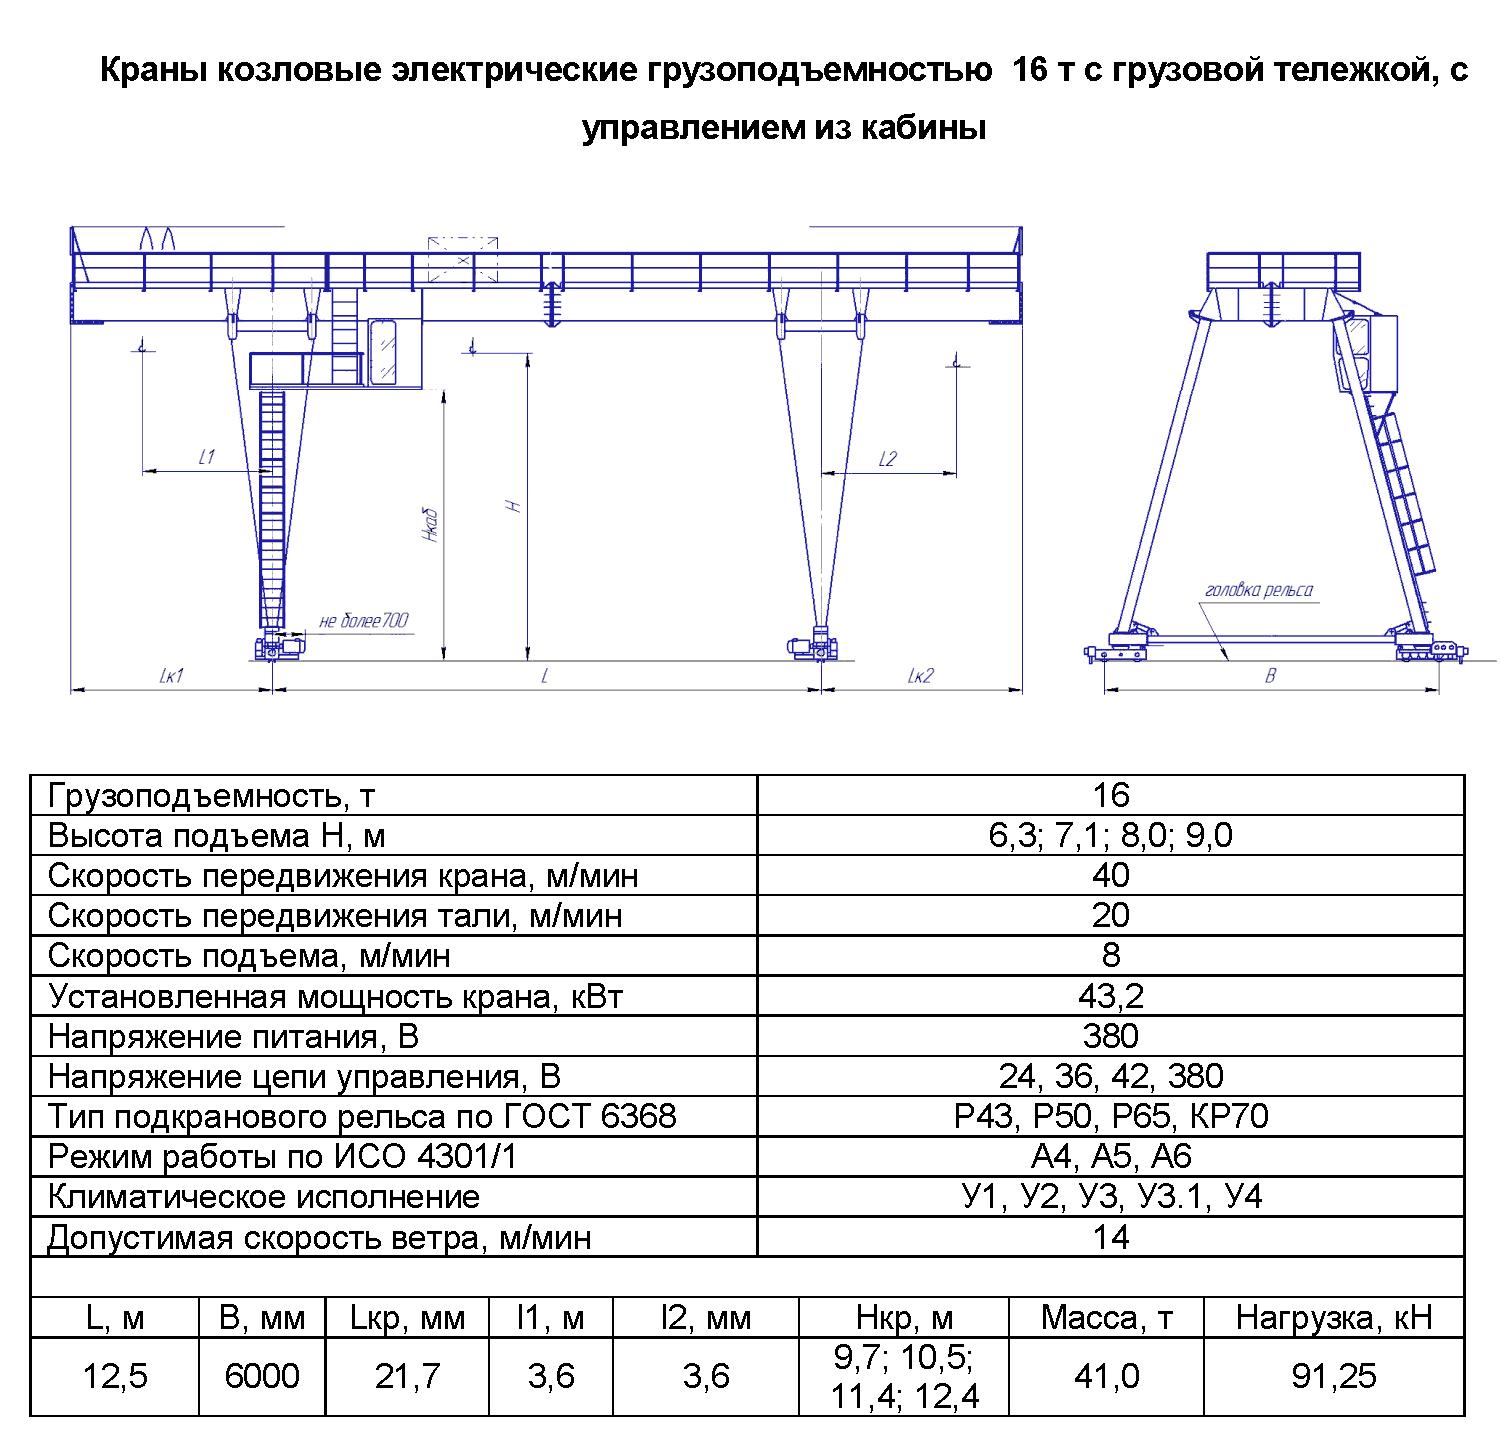 KKD 16 125 - Кран козловой электрический двухбалочный